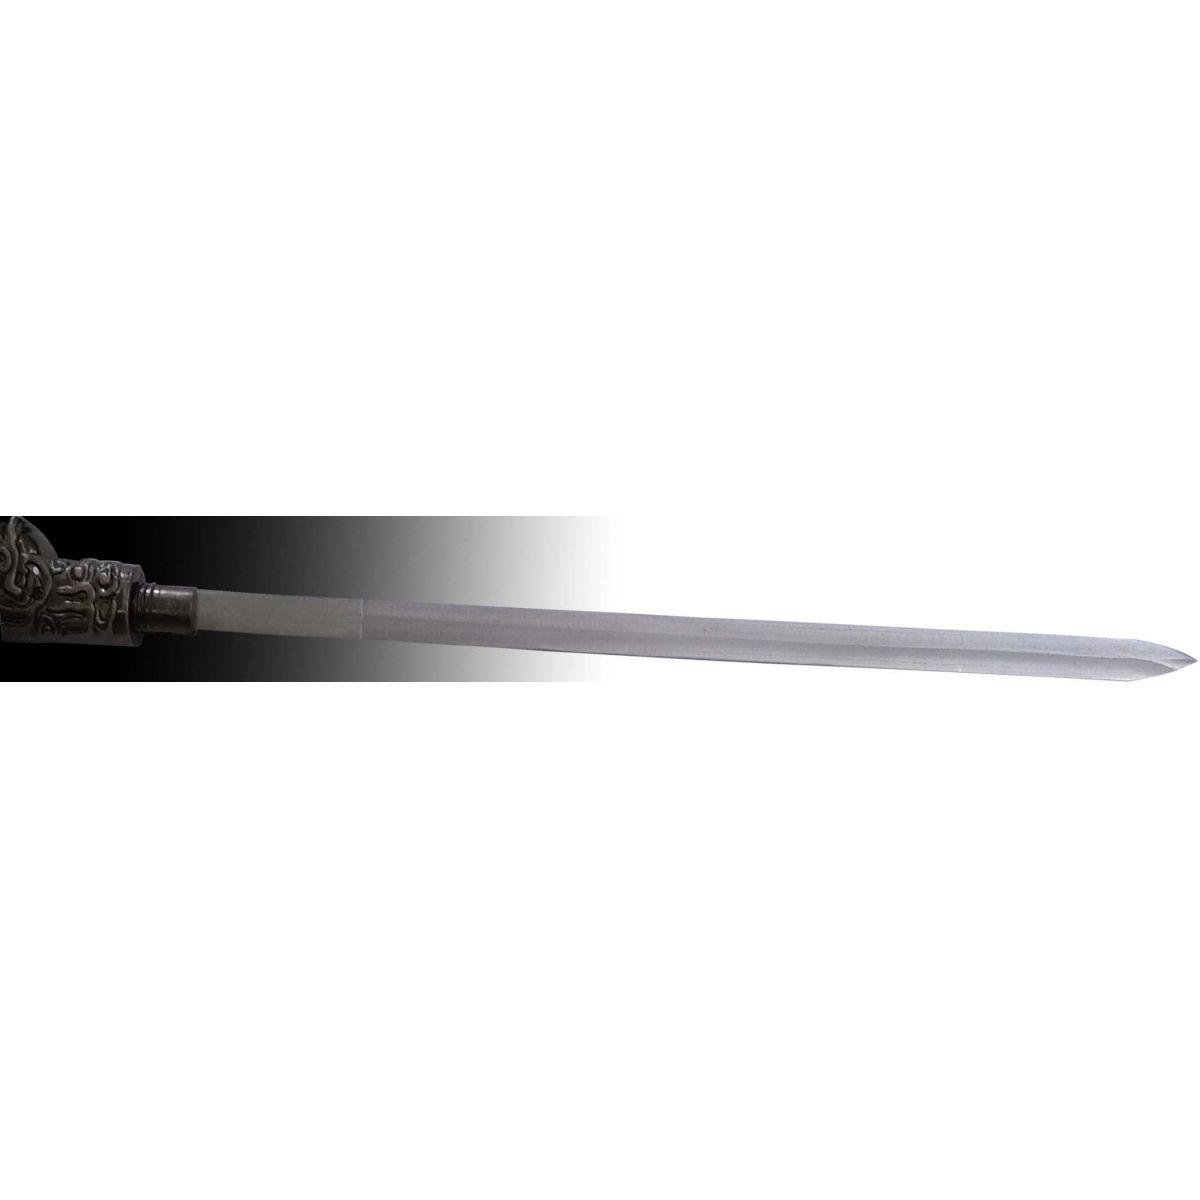 Bengala Espada Cabeça de Dragão  - Frete Grátis  - Thata Esportes